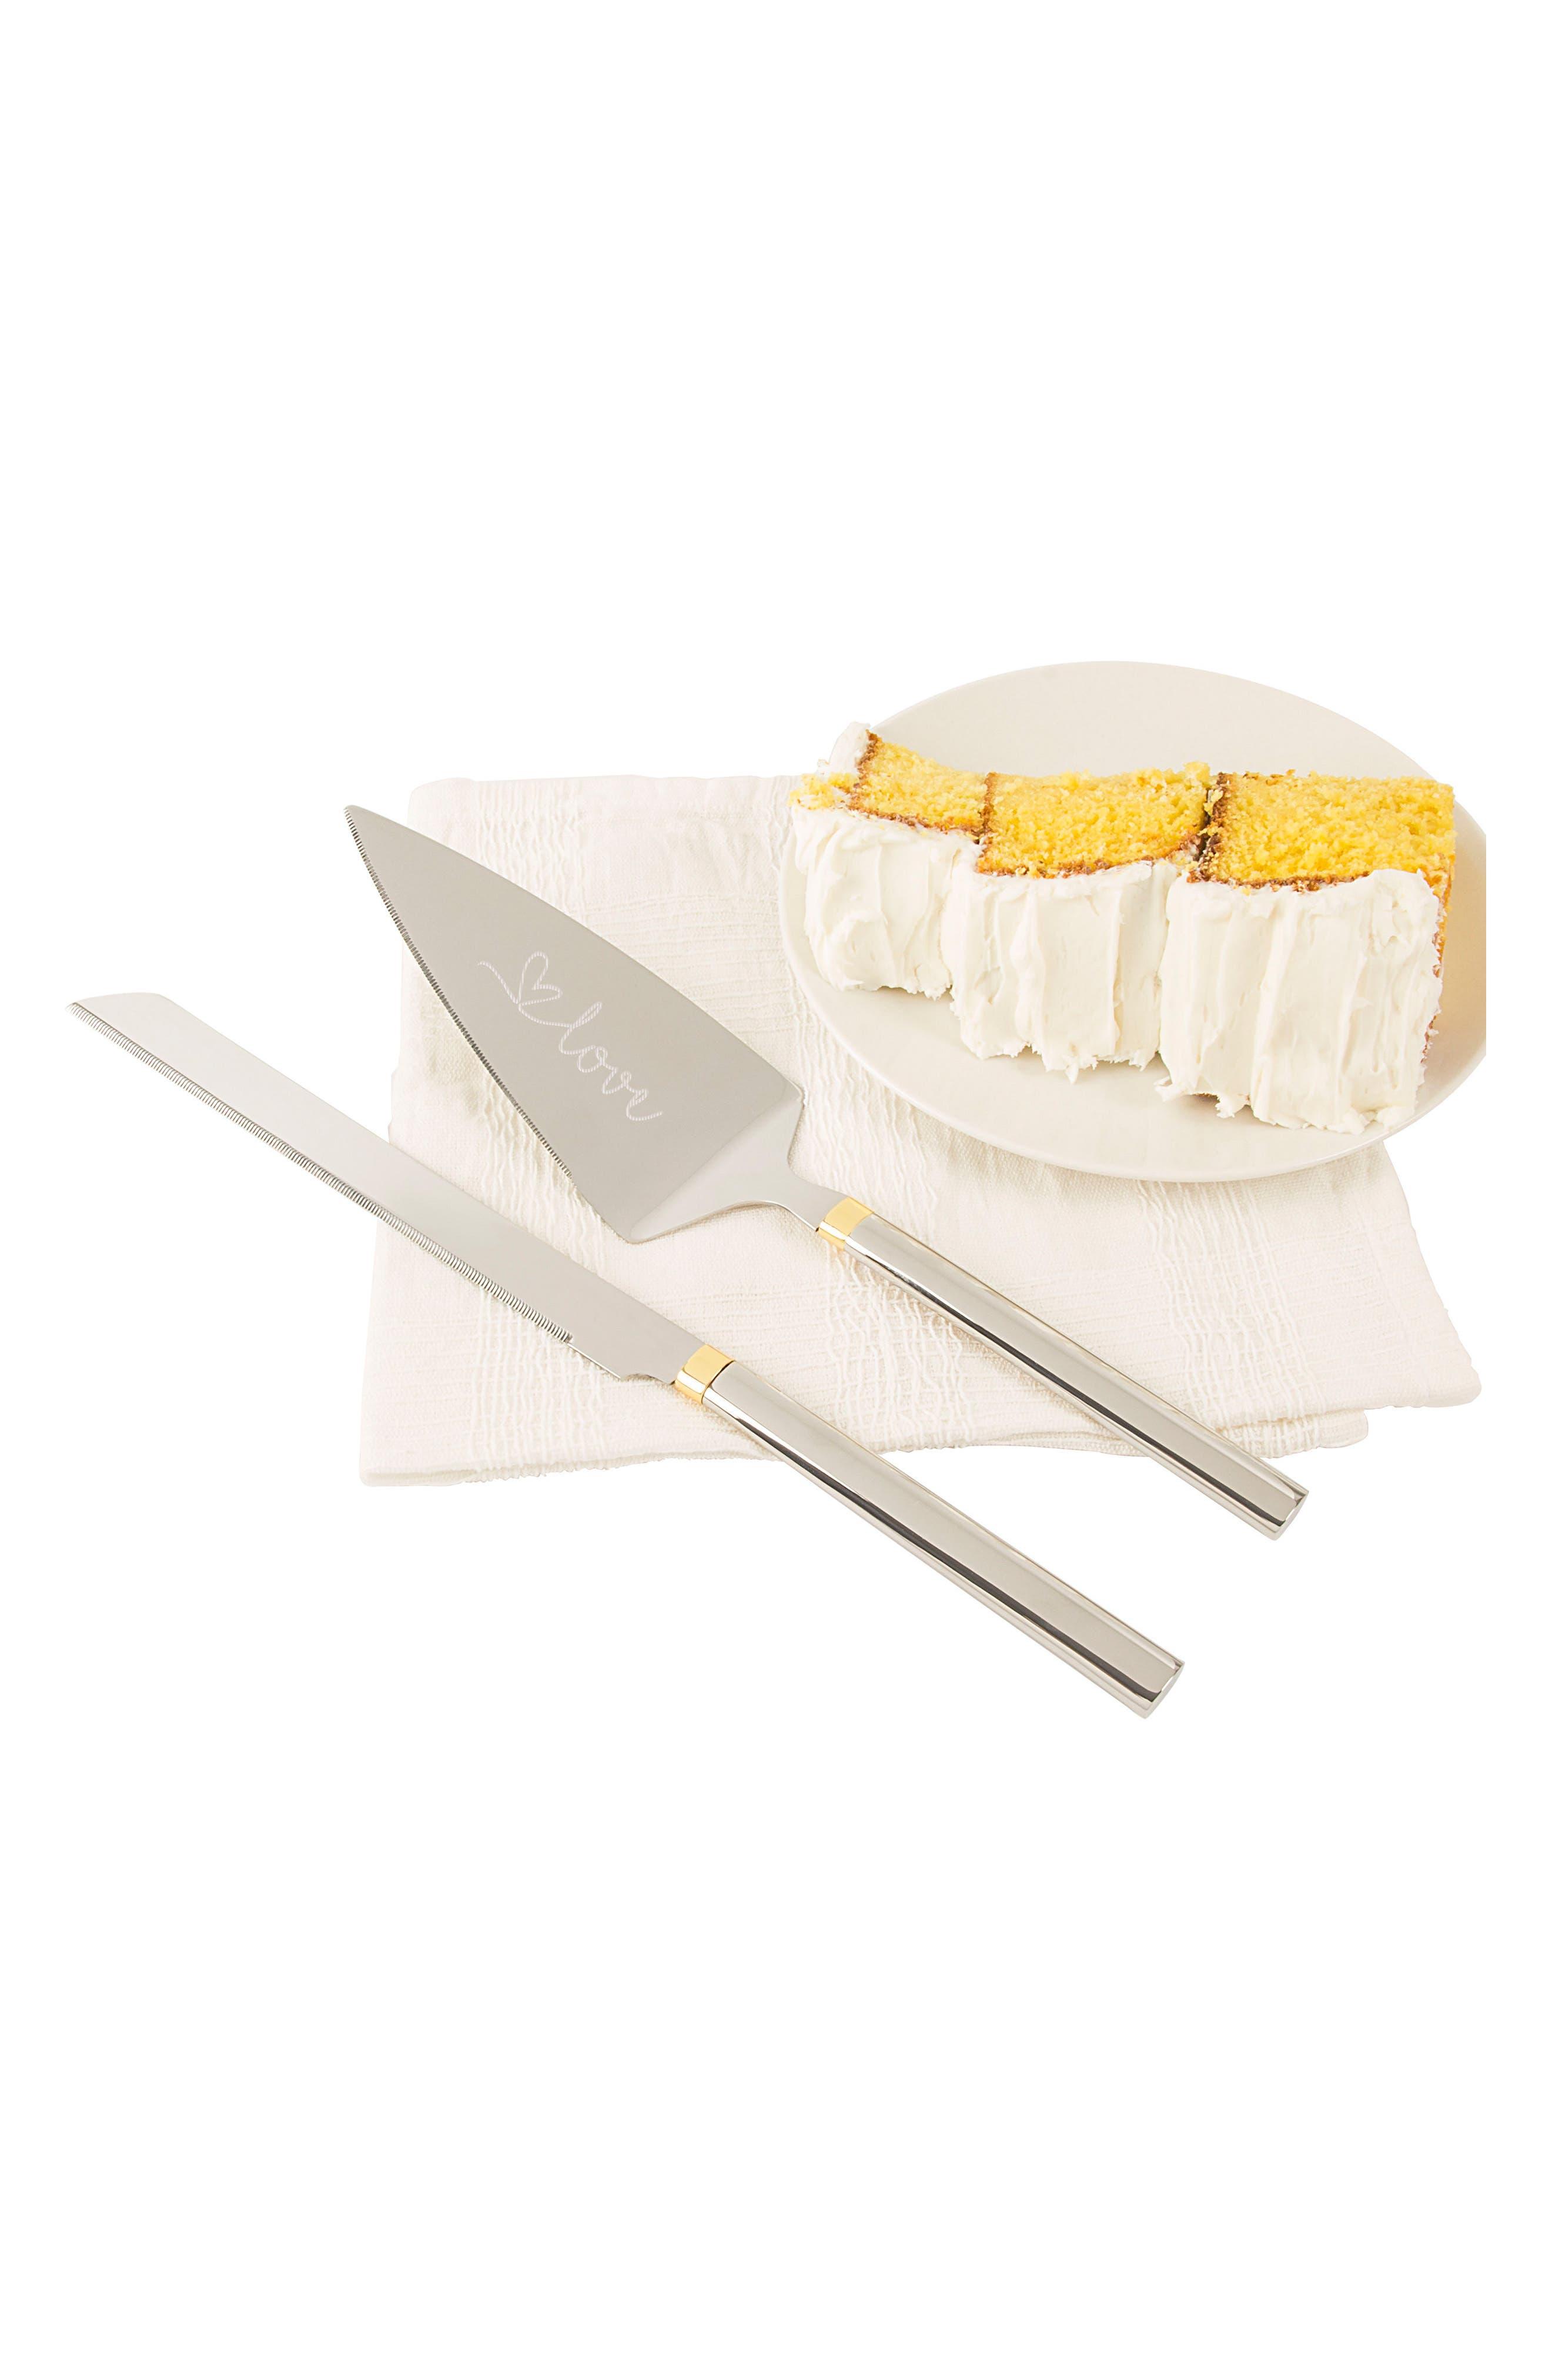 Golden Love Cake Server Set,                             Alternate thumbnail 4, color,                             040